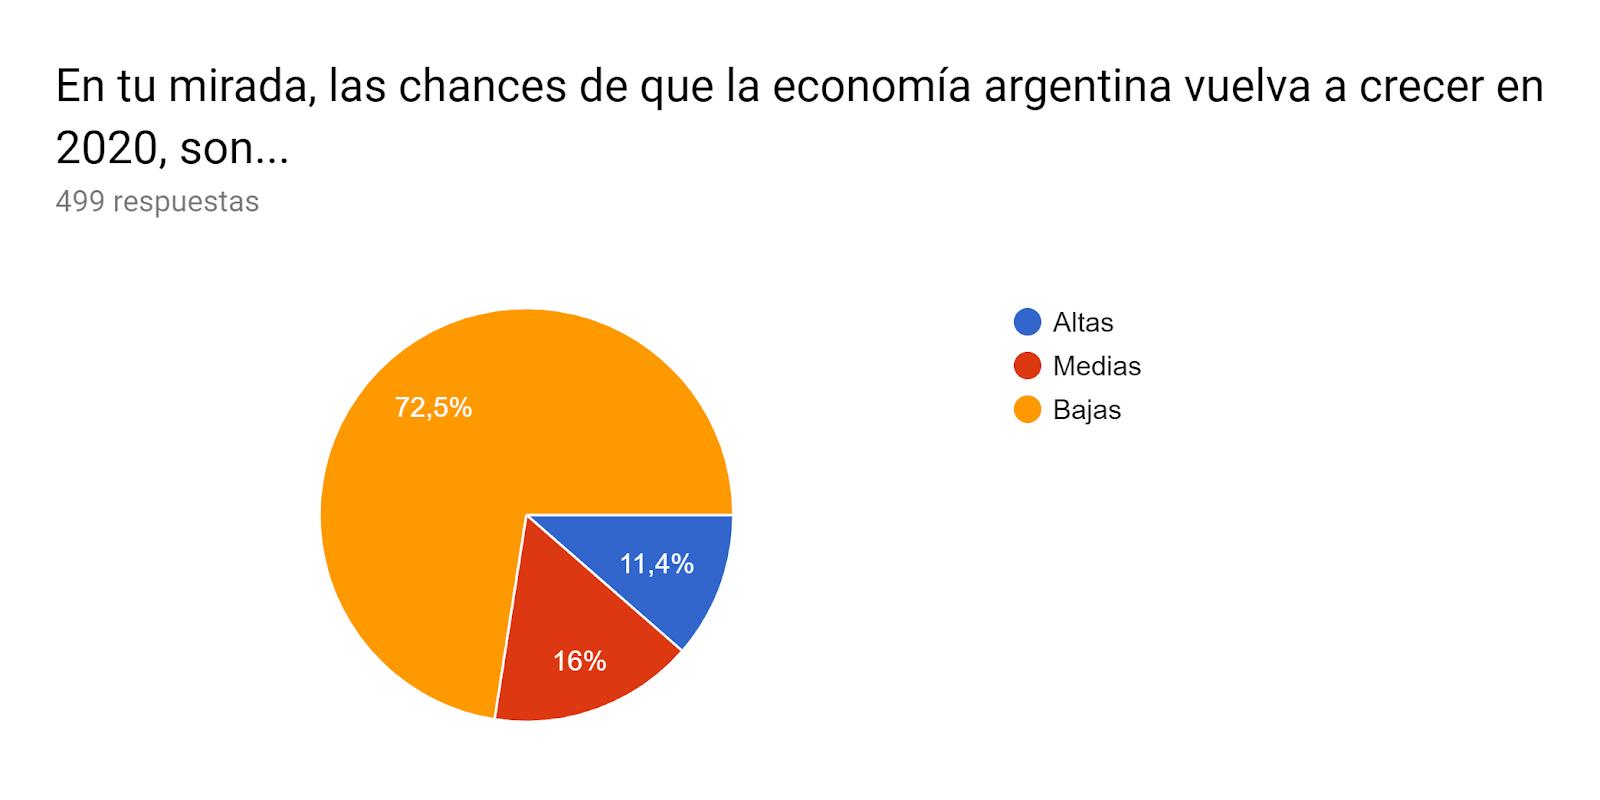 Gráfico de respuestas de formularios. Título de la pregunta:En tu mirada, las chances de que la economía argentina vuelva a crecer en 2020, son.... Número de respuestas:499 respuestas.